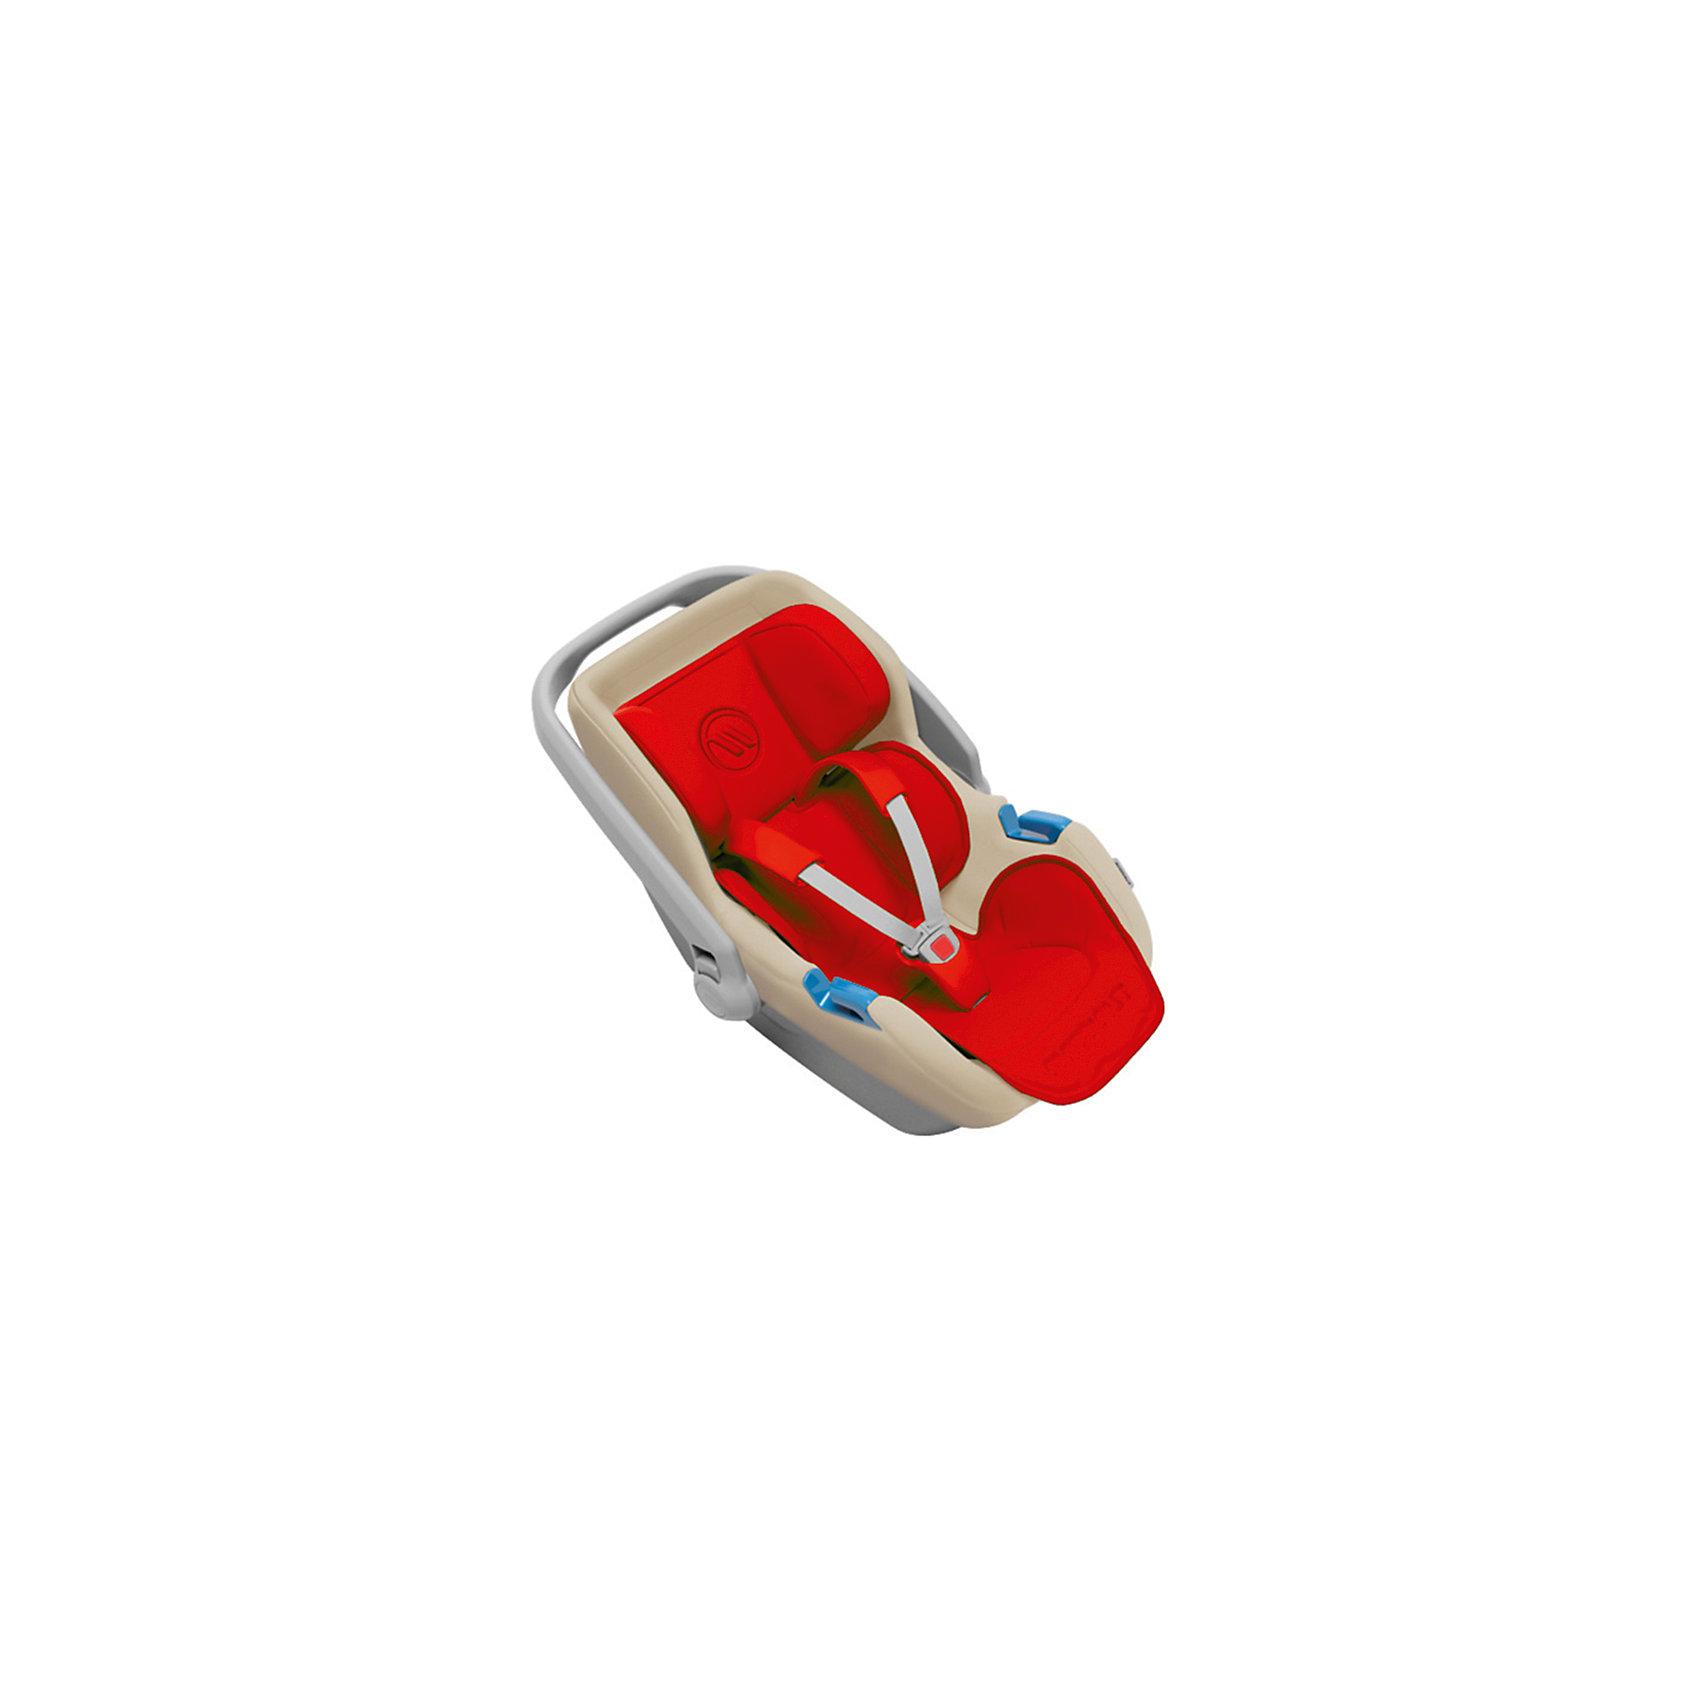 Автокресло Avionaut Jet, 0-13кг, красный/бежевый